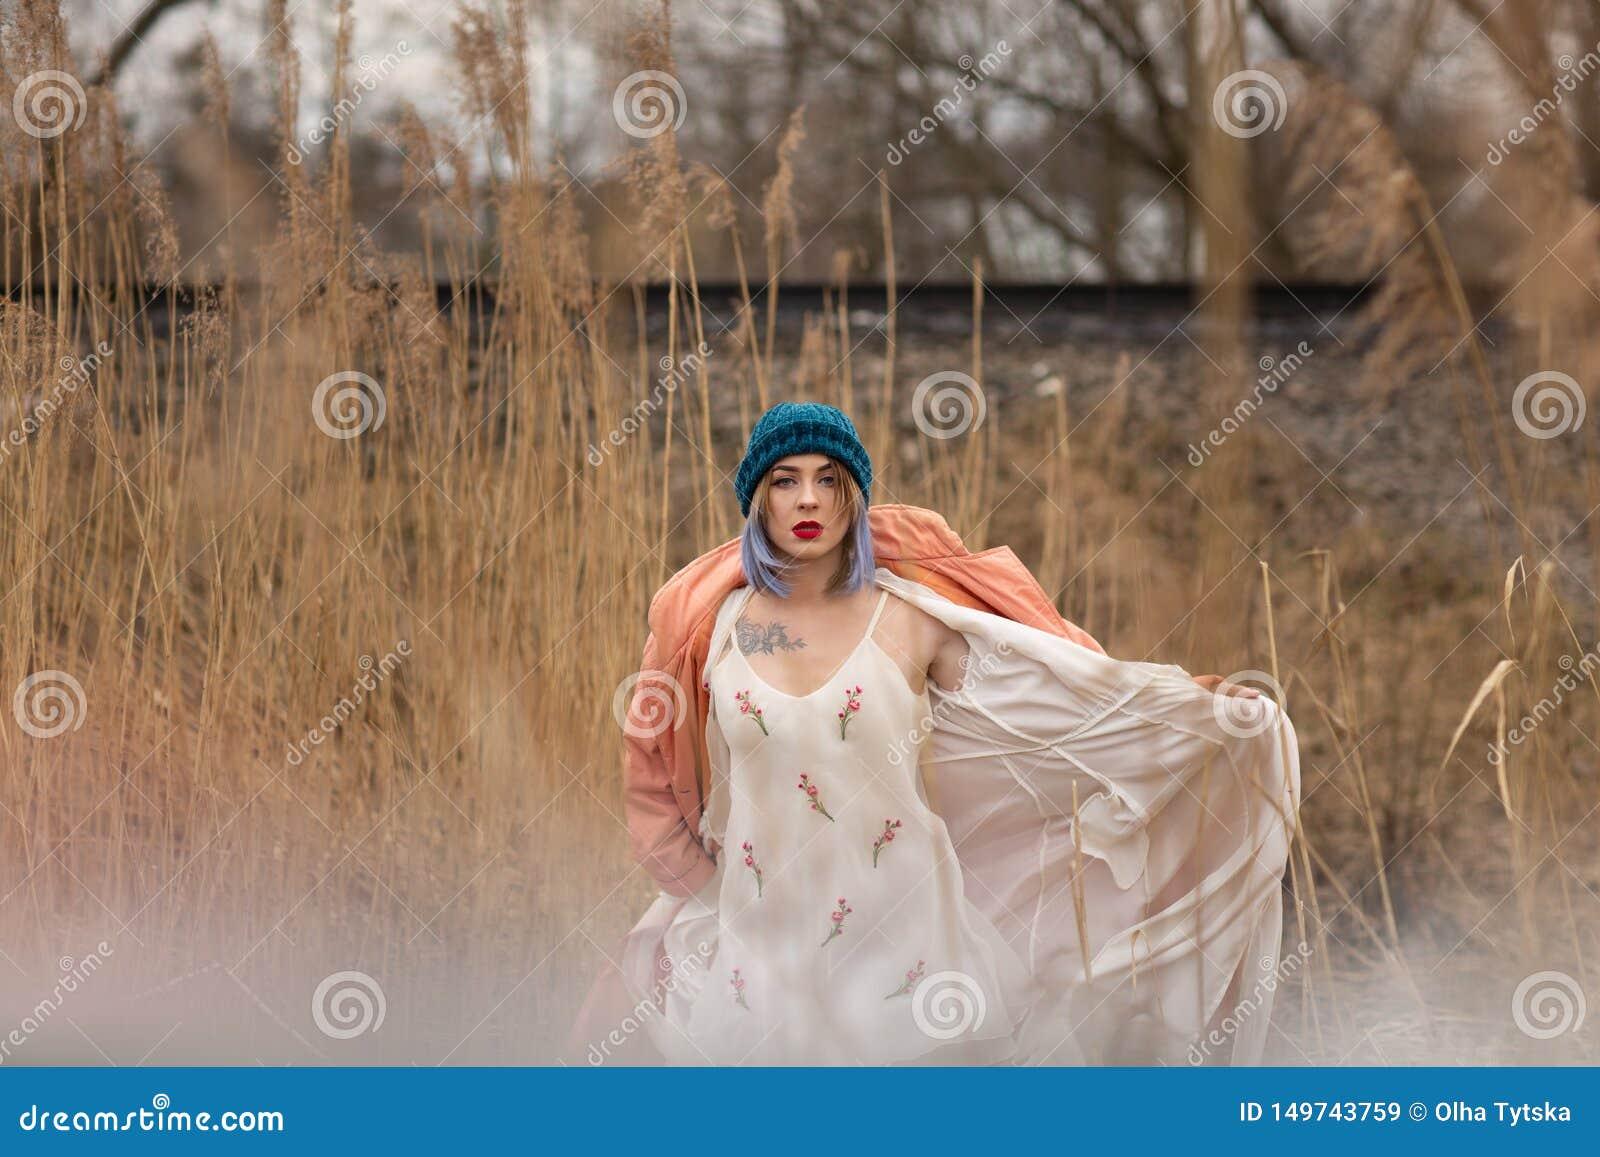 Ένα νέο κορίτσι σε ένα όμορφο άσπρο φόρεμα και ένα μοντέρνο καπέλο θέτει σε έναν τομέα σίτου